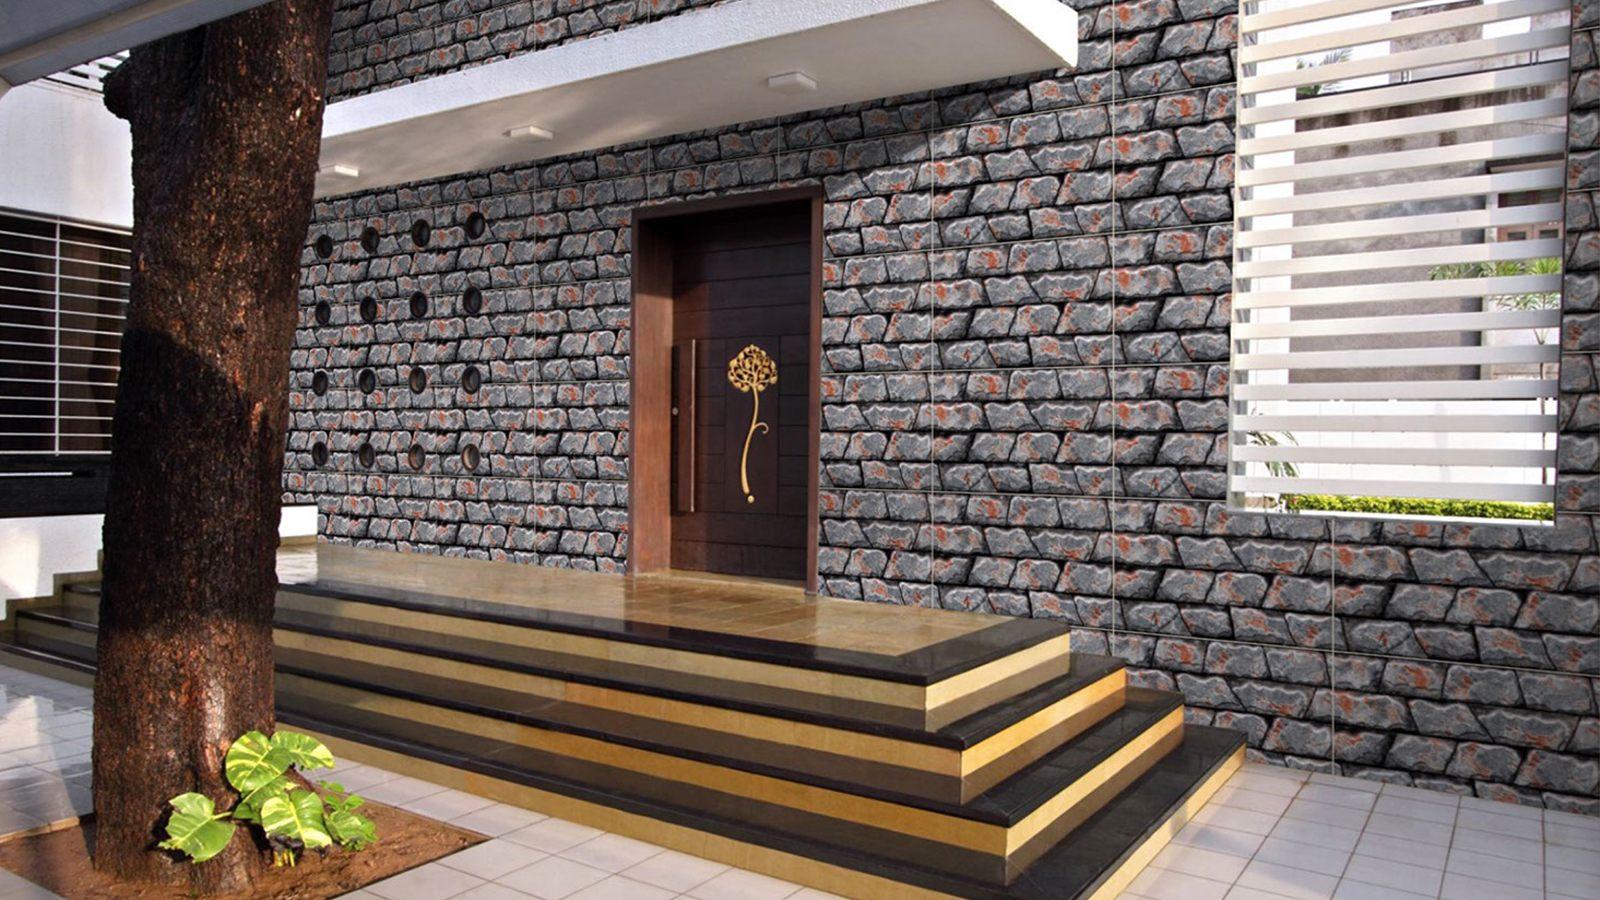 12x18 wall tilea